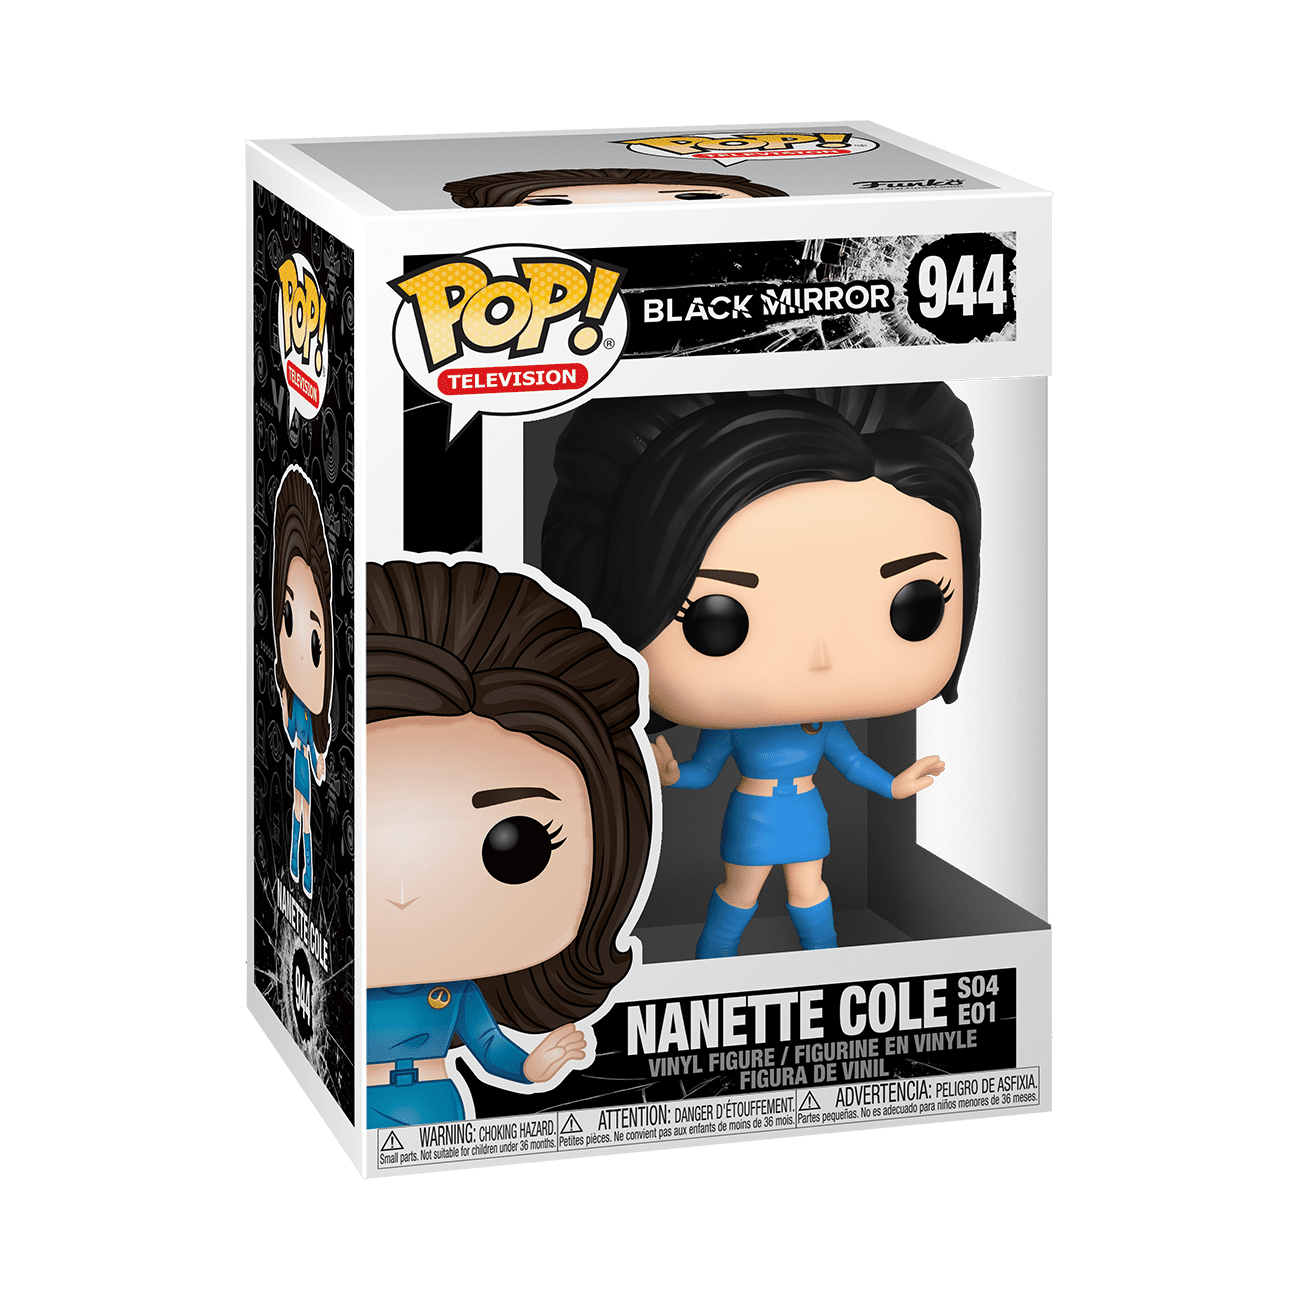 FUNKO POP! TELEVISION: Black Mirror - Nanette Cole (Toys)